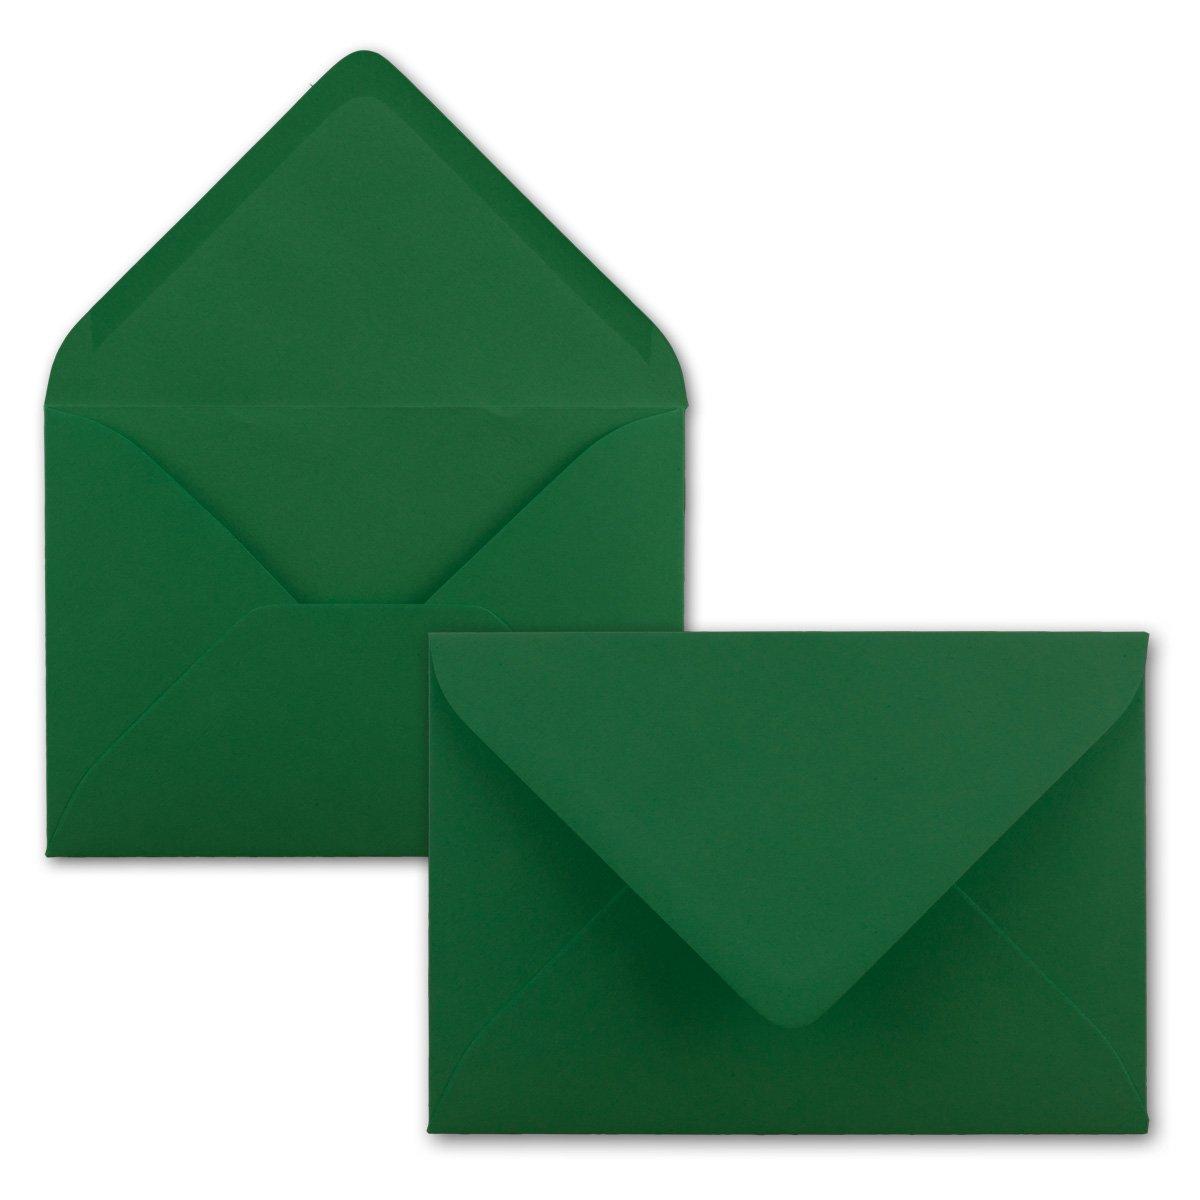 200x Stück Karte-Umschlag-Set Karte-Umschlag-Set Karte-Umschlag-Set Einzel-Karten Din A7 10,5x7,3 cm 240 g m² Dunkelgrün mit Brief-Umschlägen C7 Nassklebung ideale Geschenkanhänger B07NZNZD8Q   Großhandel  51a4d1